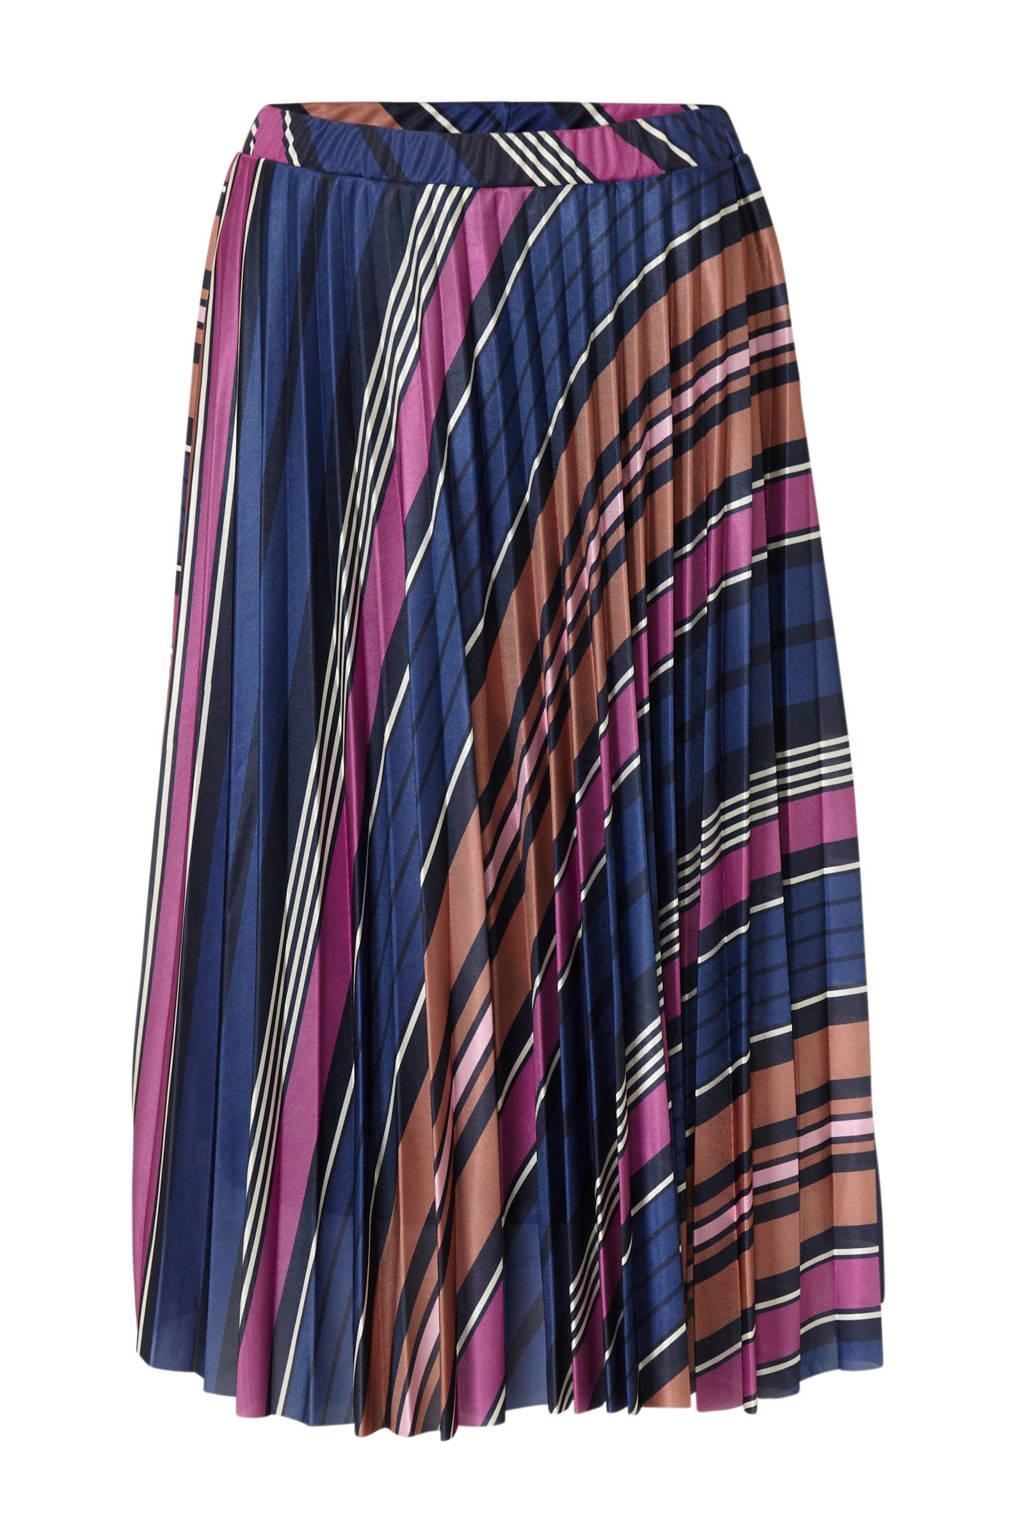 Soaked In Luxury gestreepte plissé rok Pippa donkerblauw multi, Donkerblauw multi